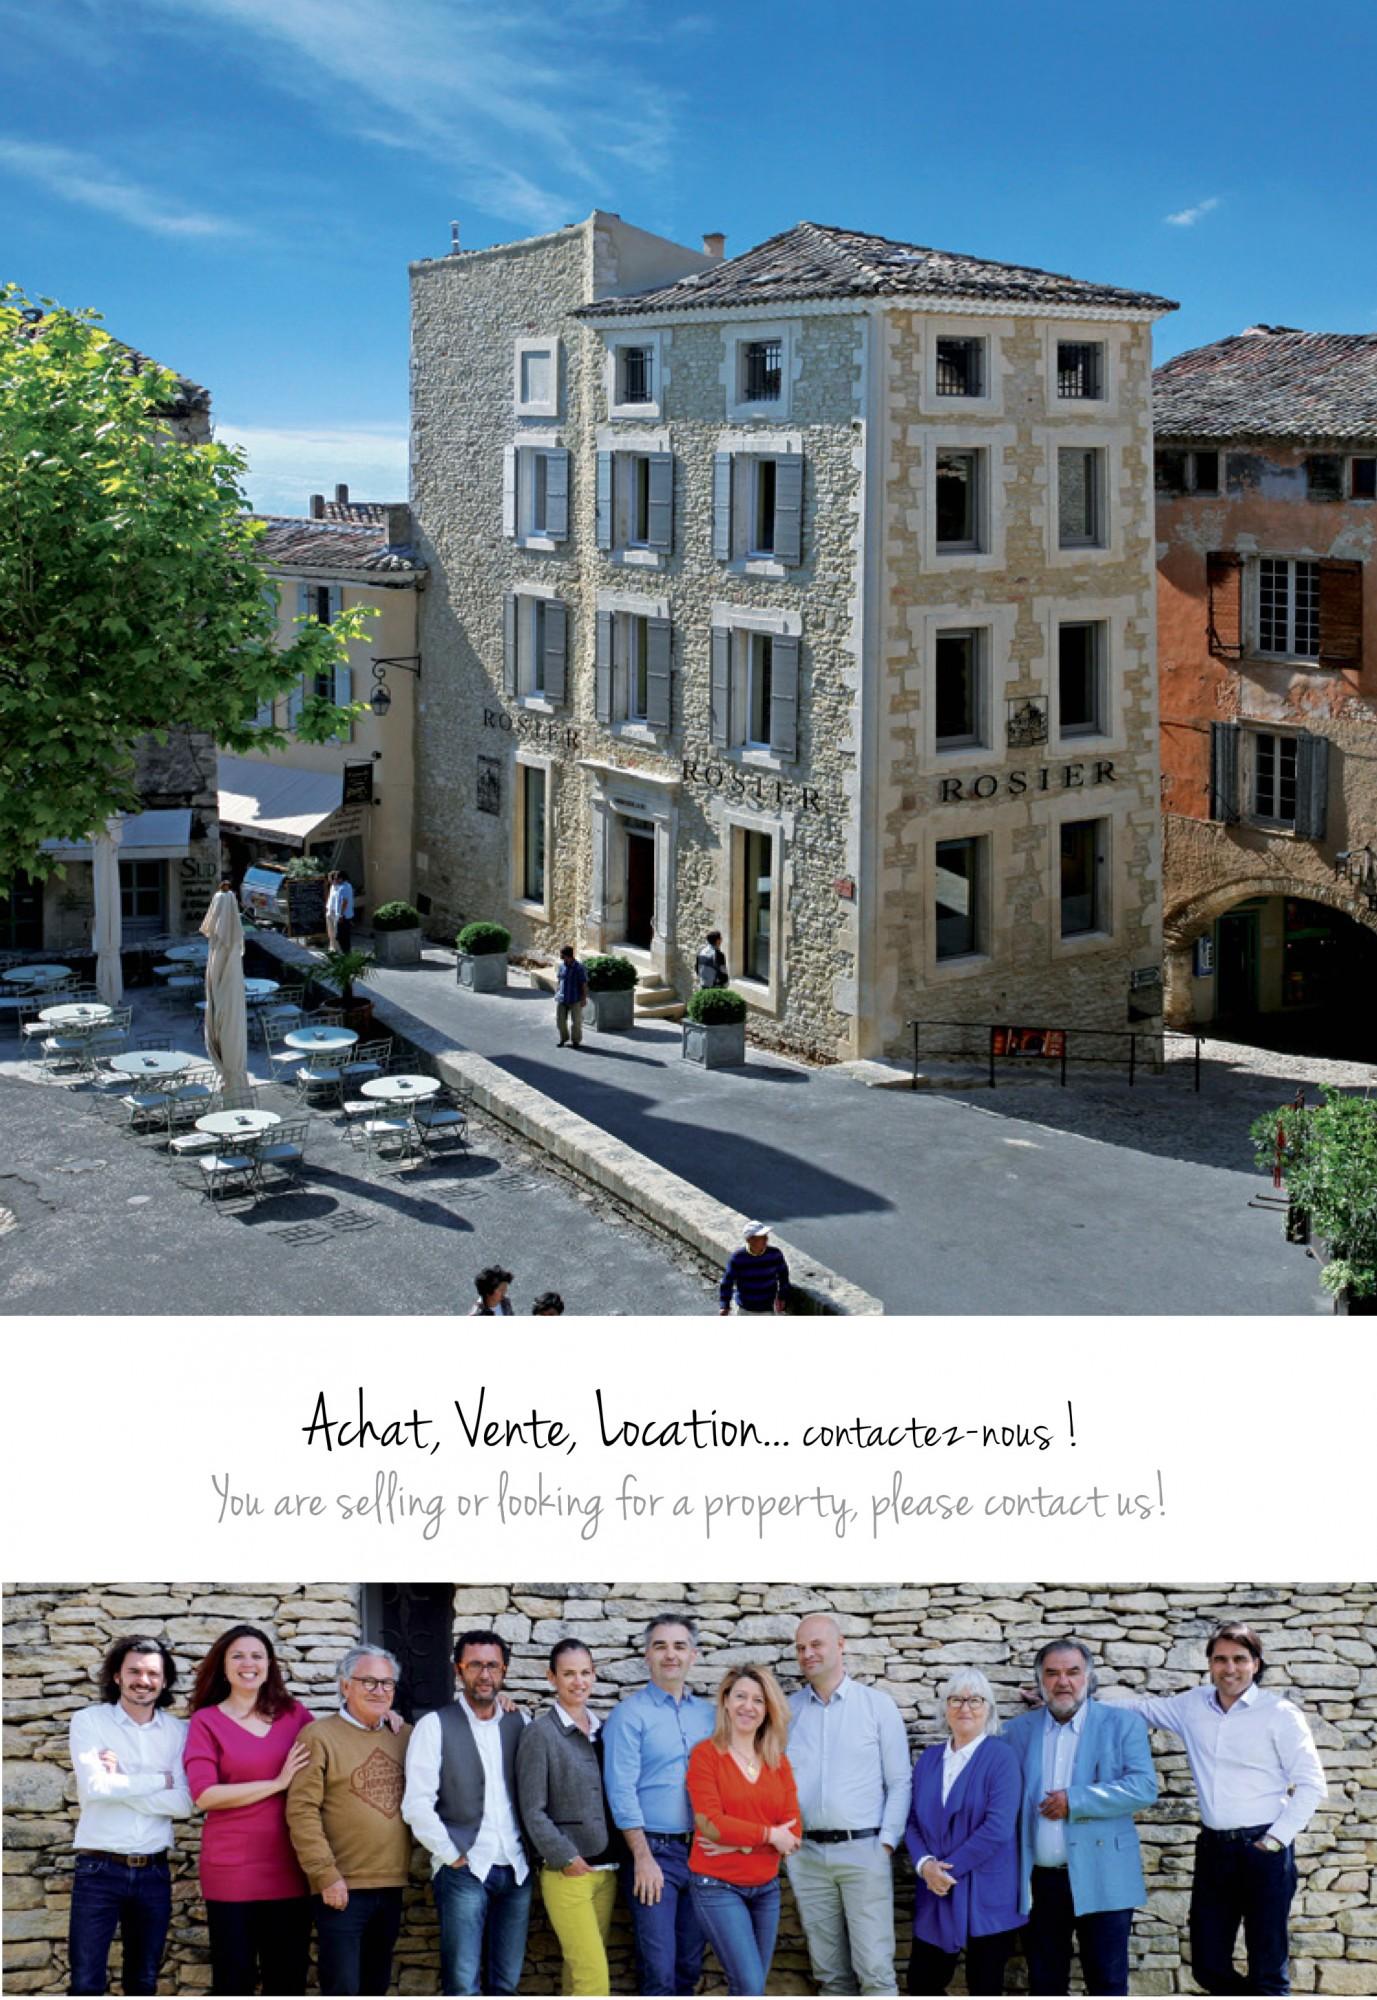 Achat, Vente, Location à Gordes